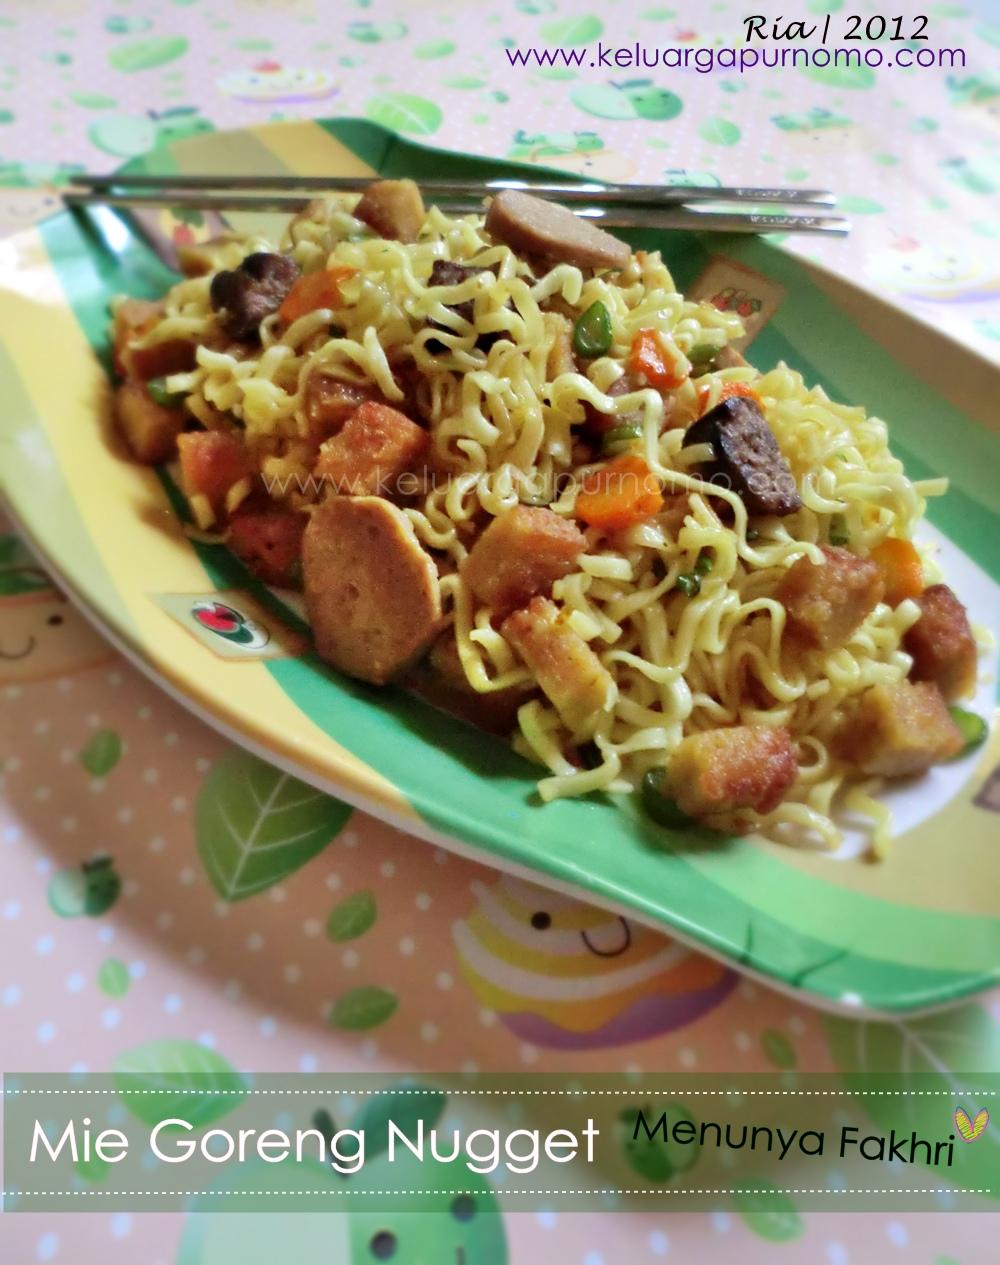 Mie Goreng Ala Dapur Royco - Resepmakanan.info